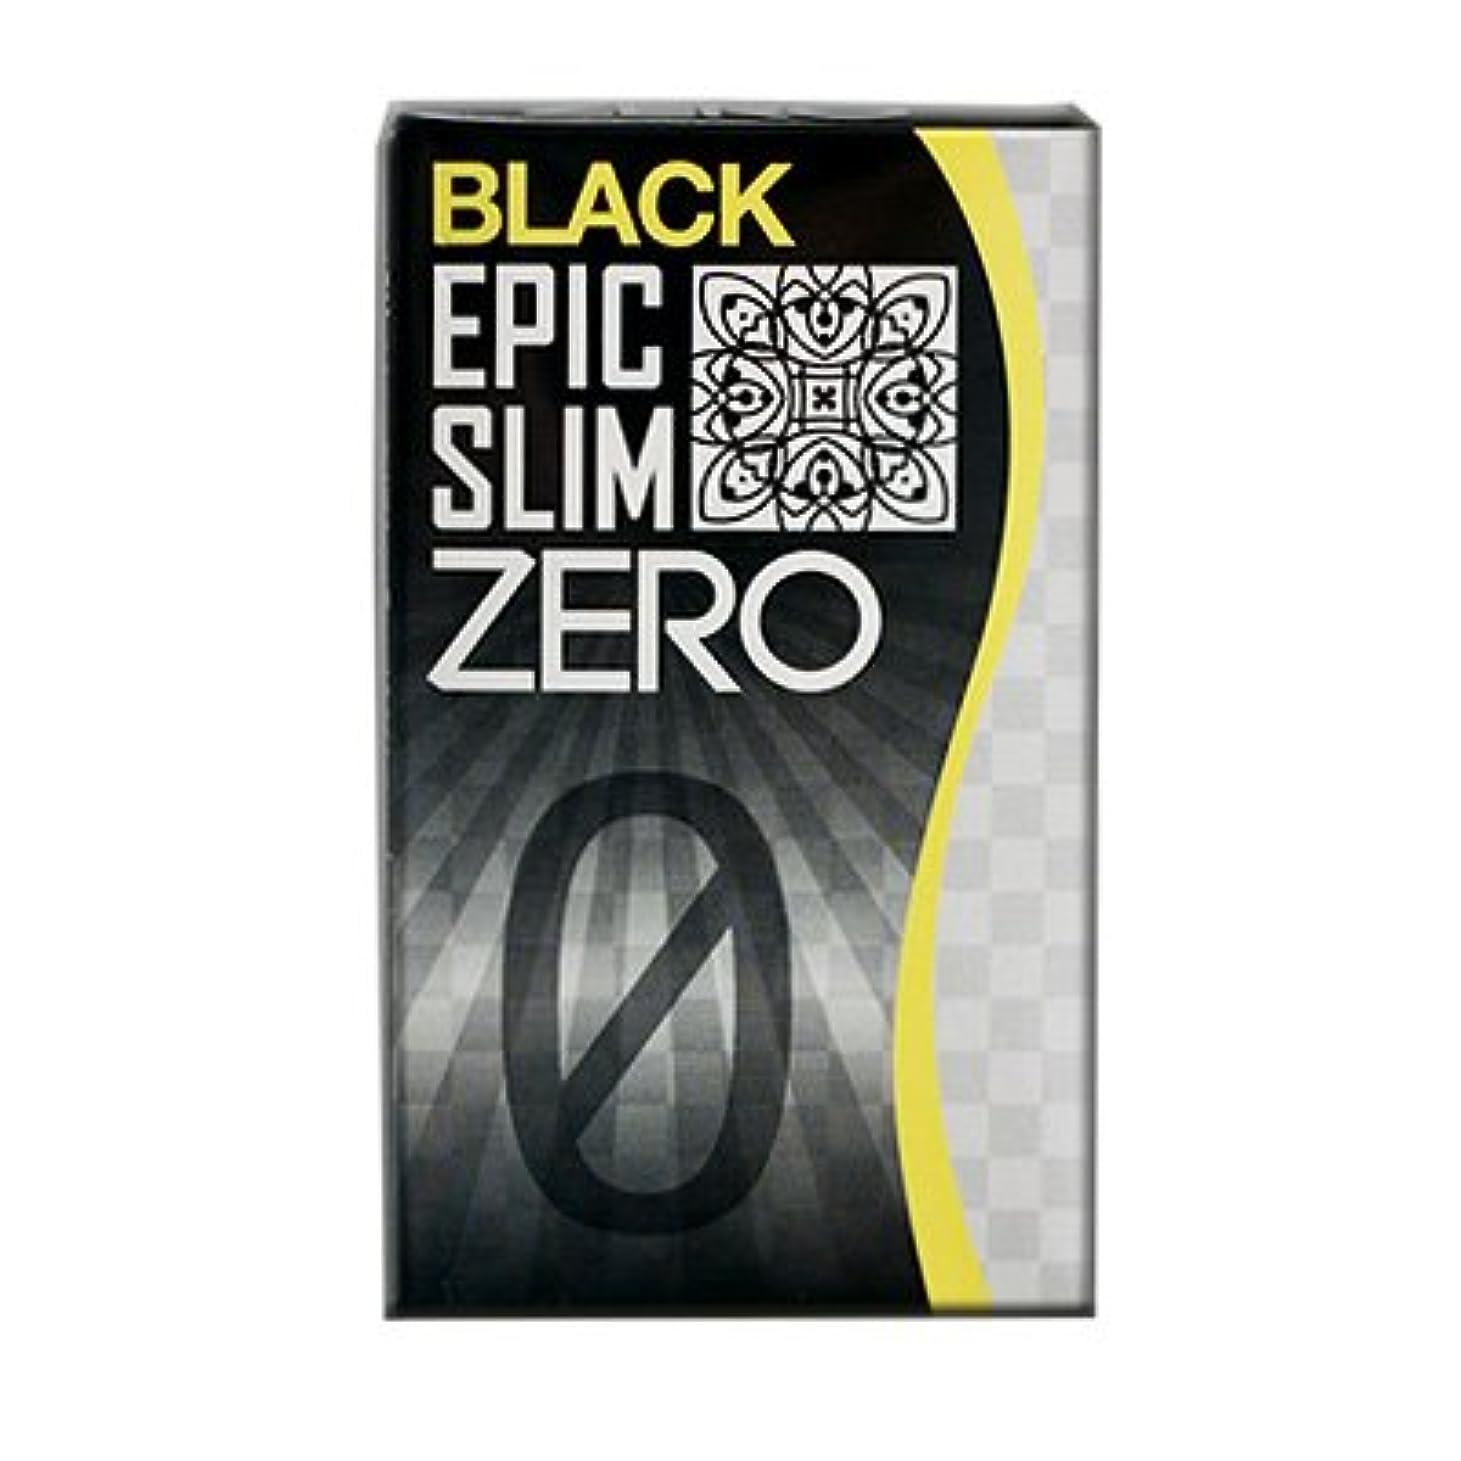 確立ビスケット奨励しますブラック エピックスリム ゼロ ブラック Epic Slim ZERO BLACK